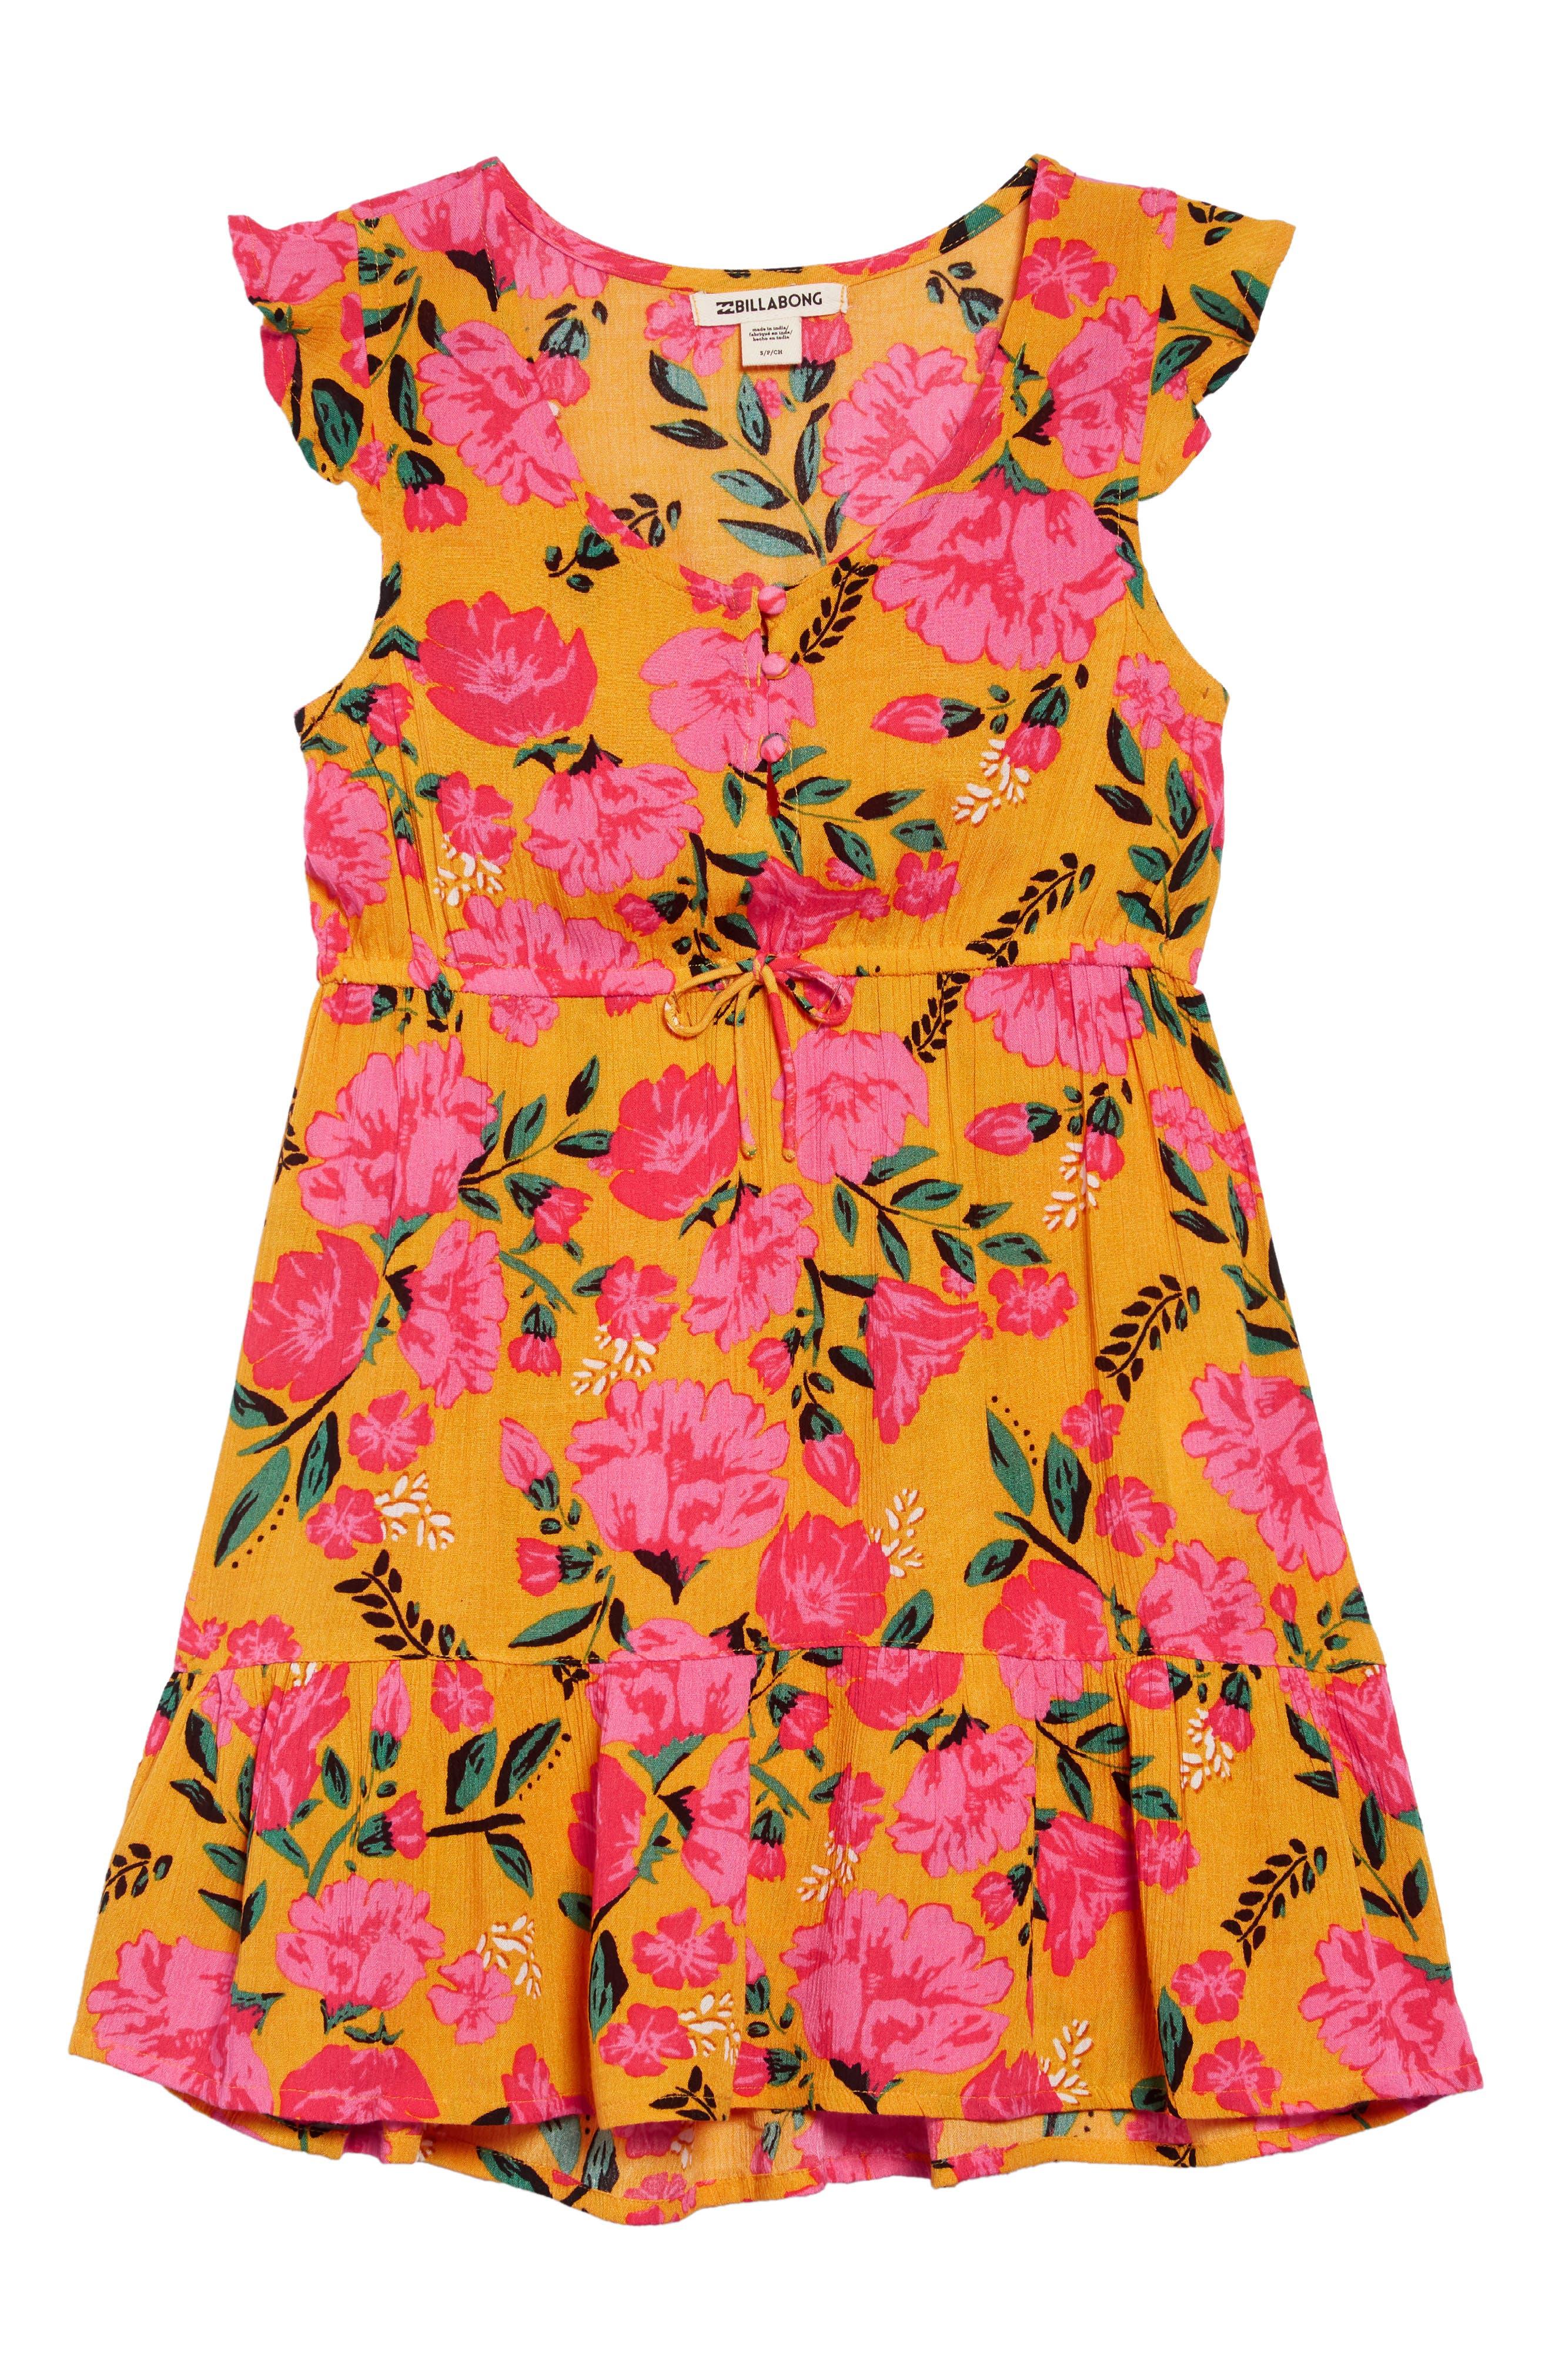 BILLABONG, Sing It Print Dress, Main thumbnail 1, color, 720